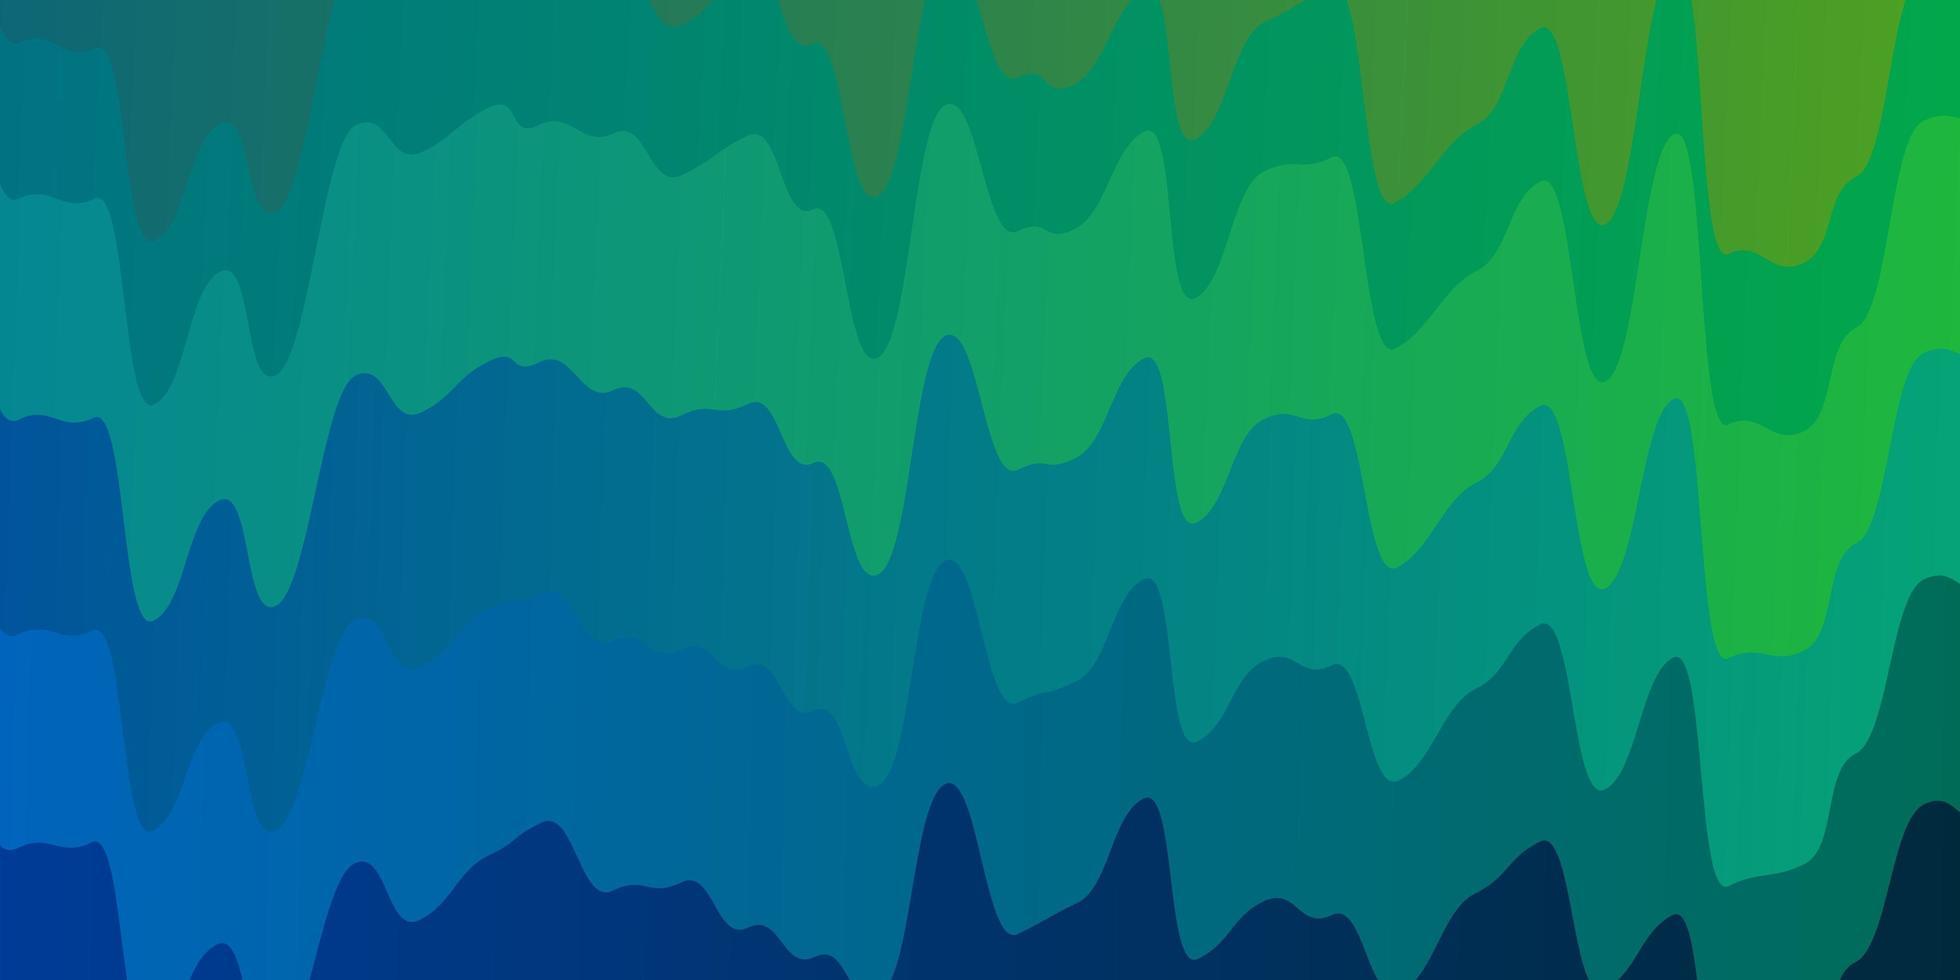 lichtblauw, groen vectorpatroon met krommen. vector